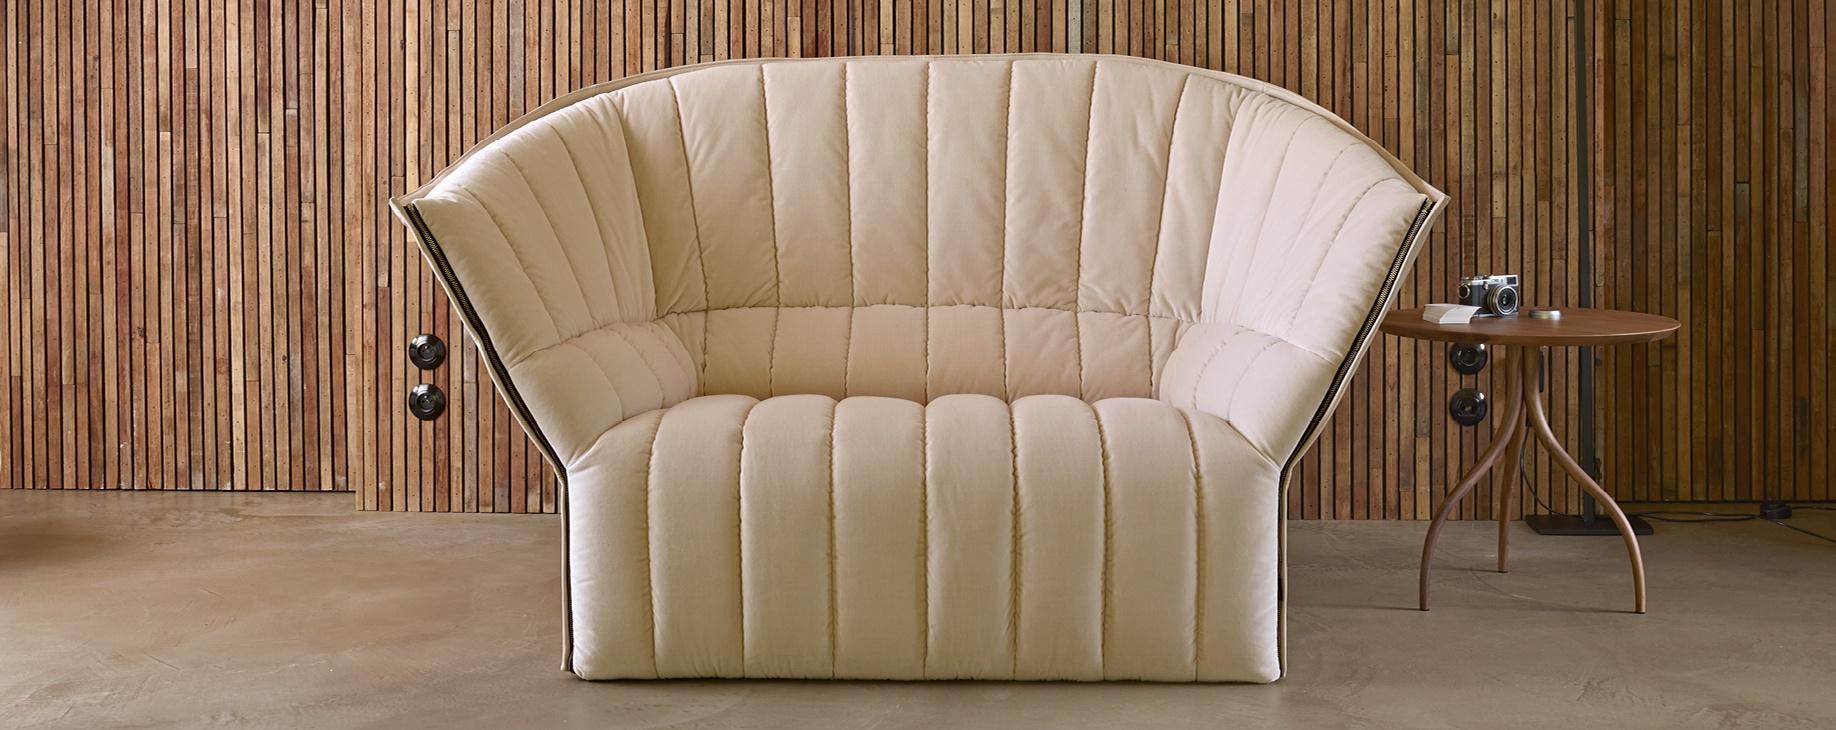 ligne roset official site contemporary high end furniture. Black Bedroom Furniture Sets. Home Design Ideas